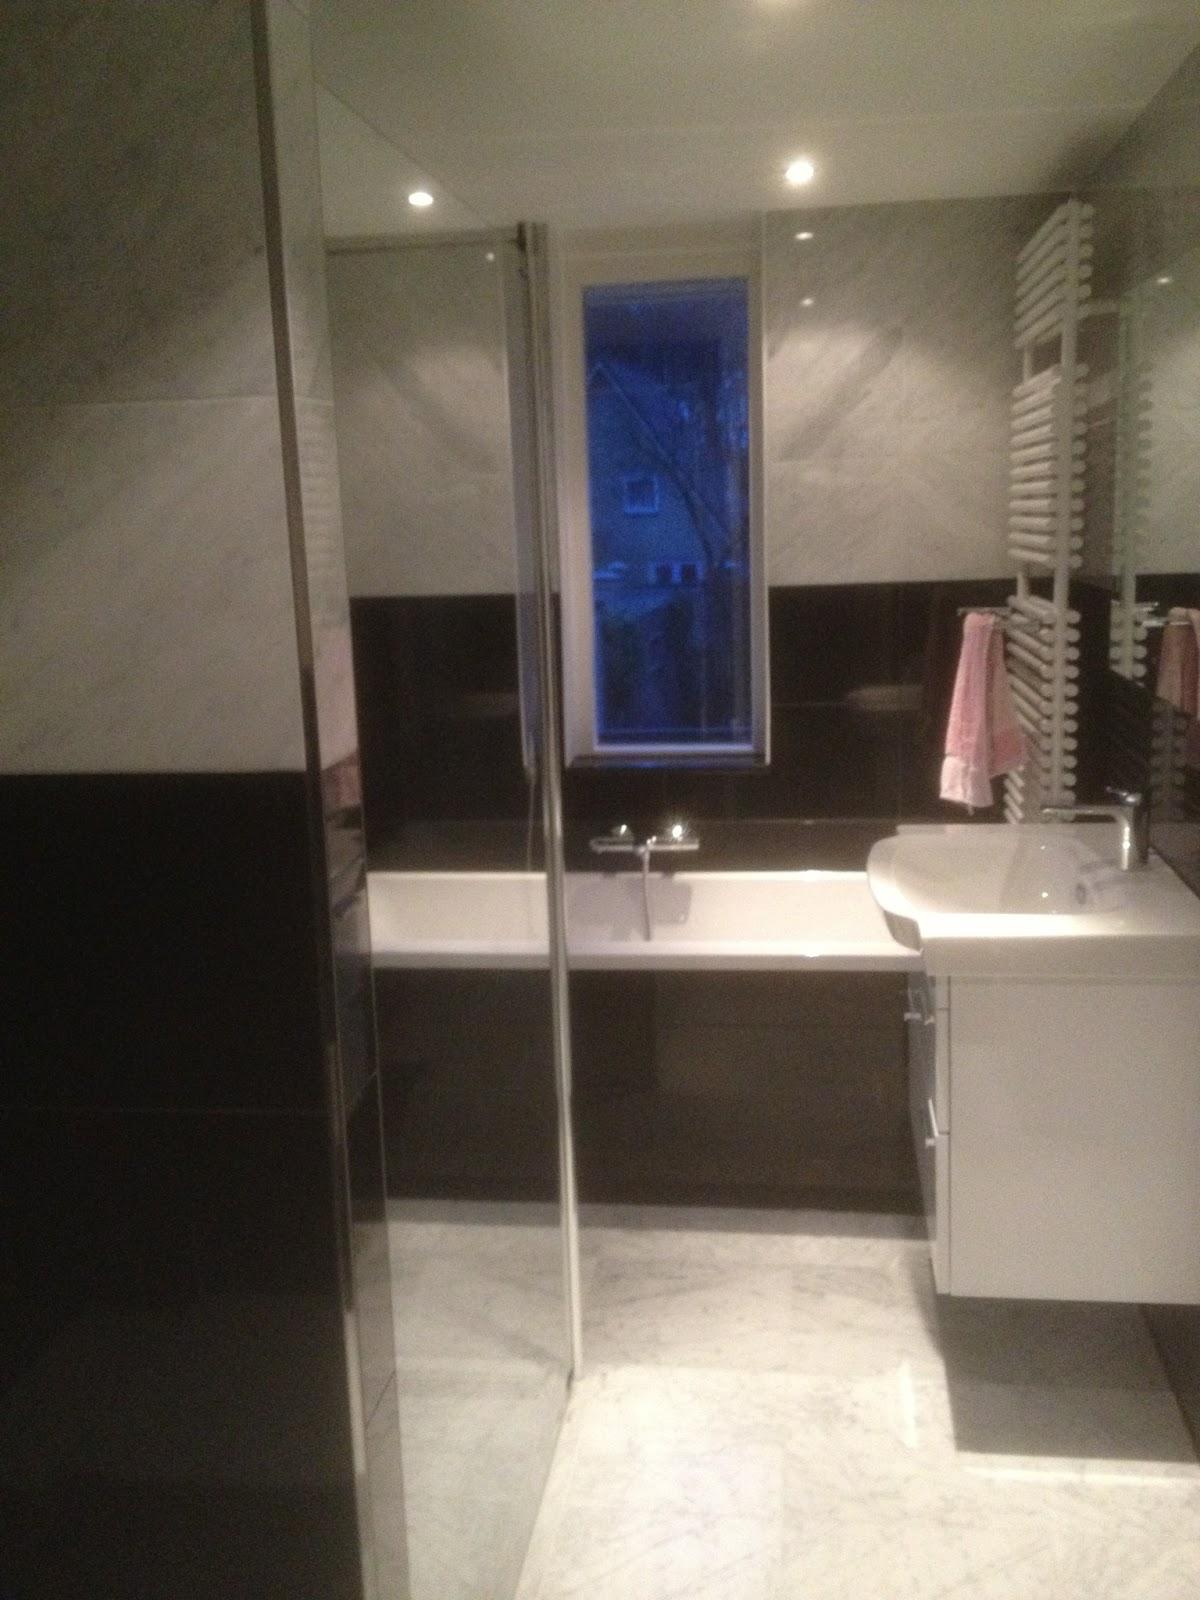 keuken tegels afkitten : 20170317 180827_renovatie Badkamer Vloer Brigee Com